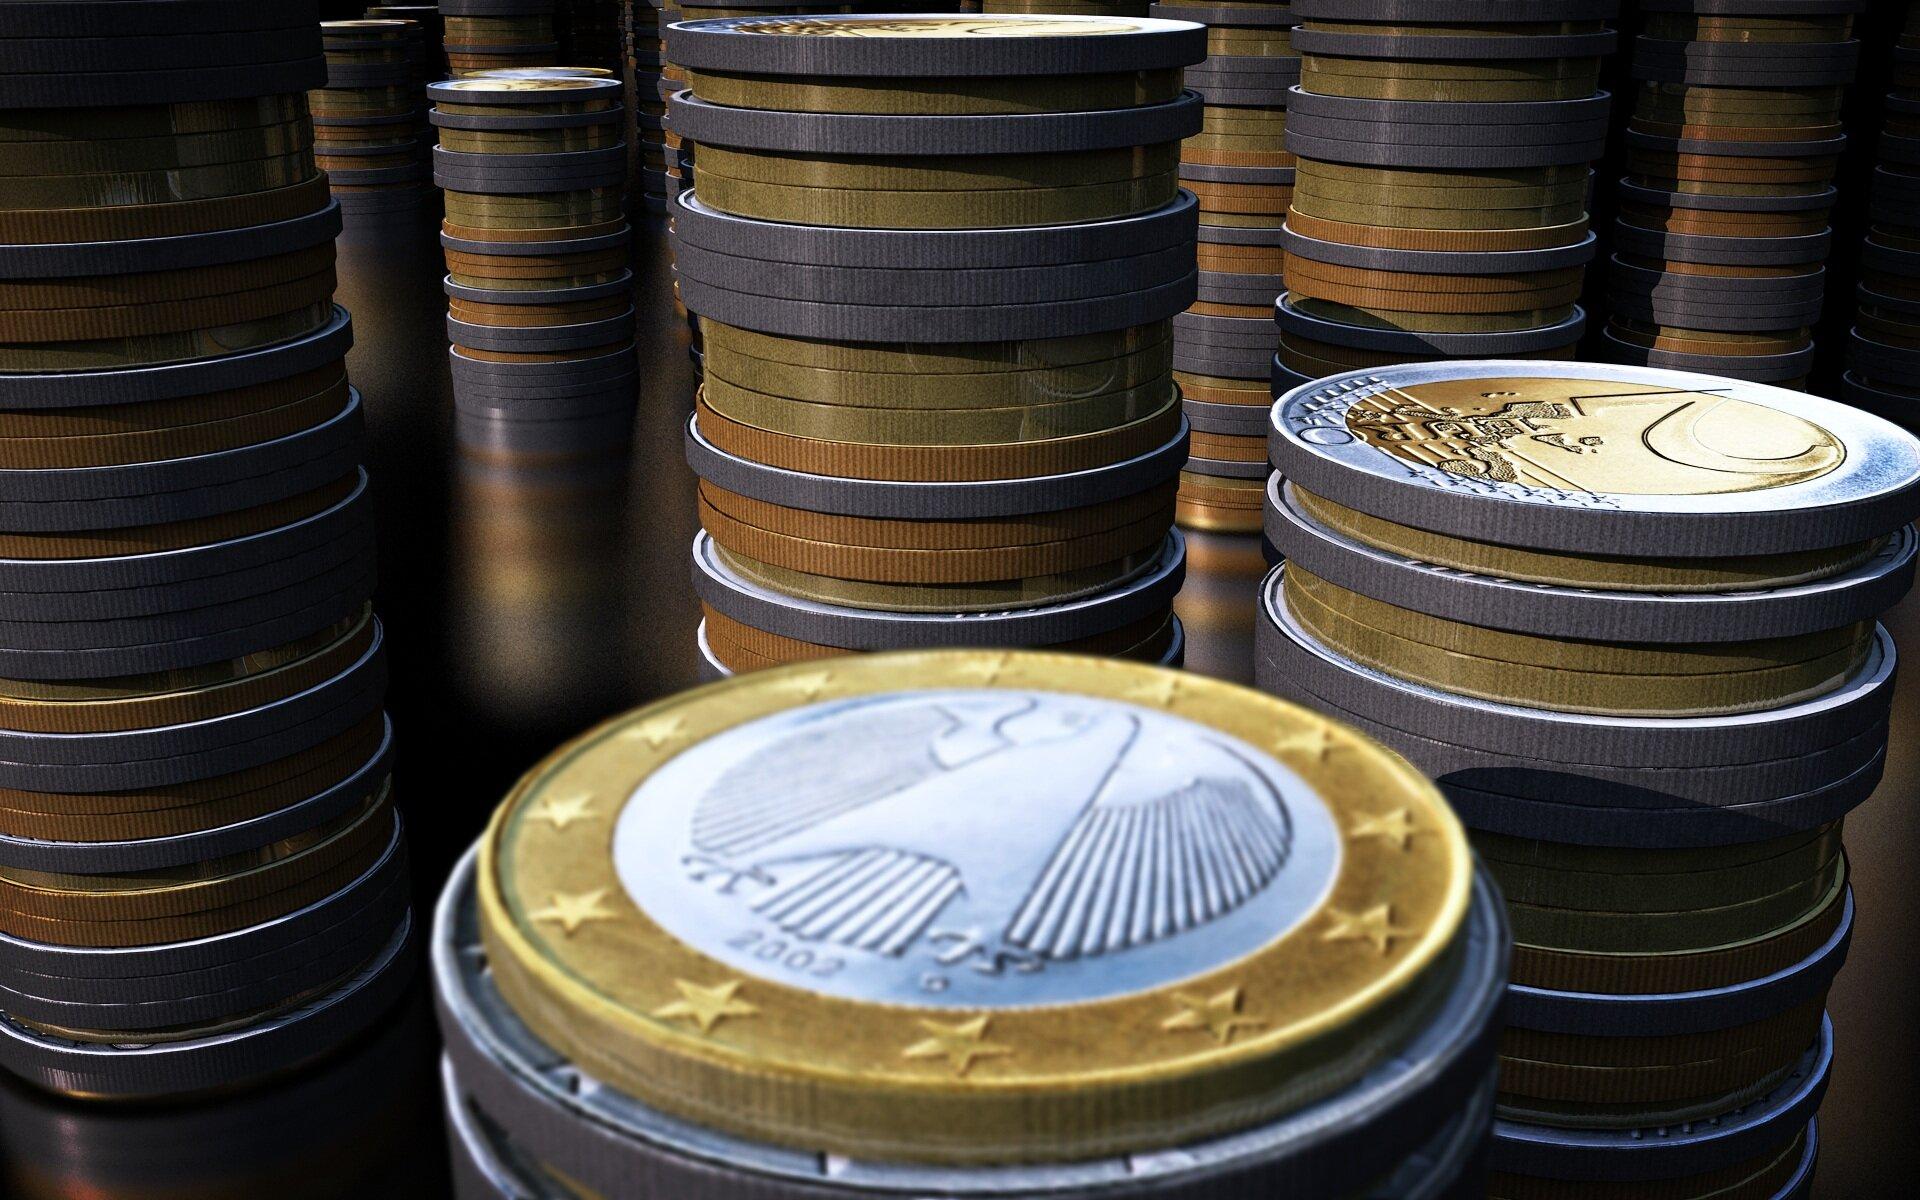 oszczednosci Źródło: pixabay.com, licencja: CC 0.